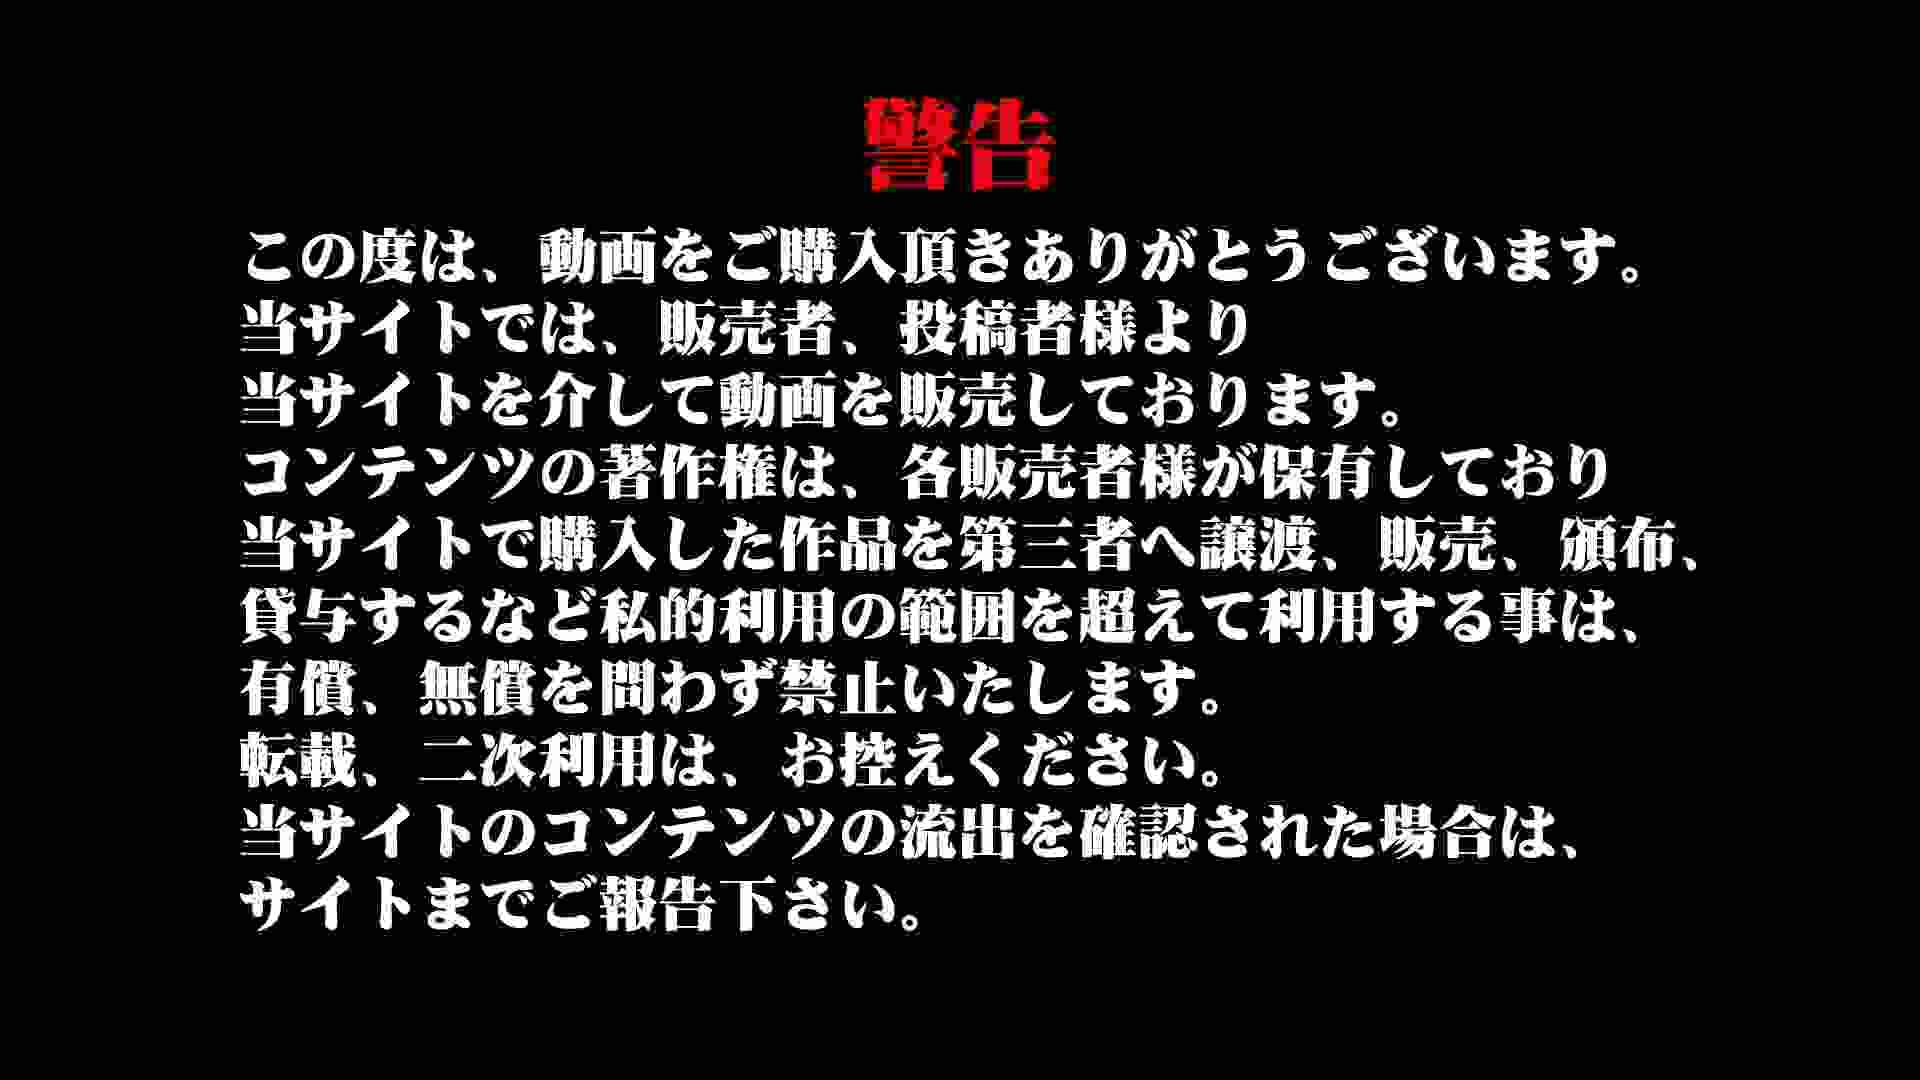 Aquaな露天風呂Vol.927 OLのエロ生活  89連発 30